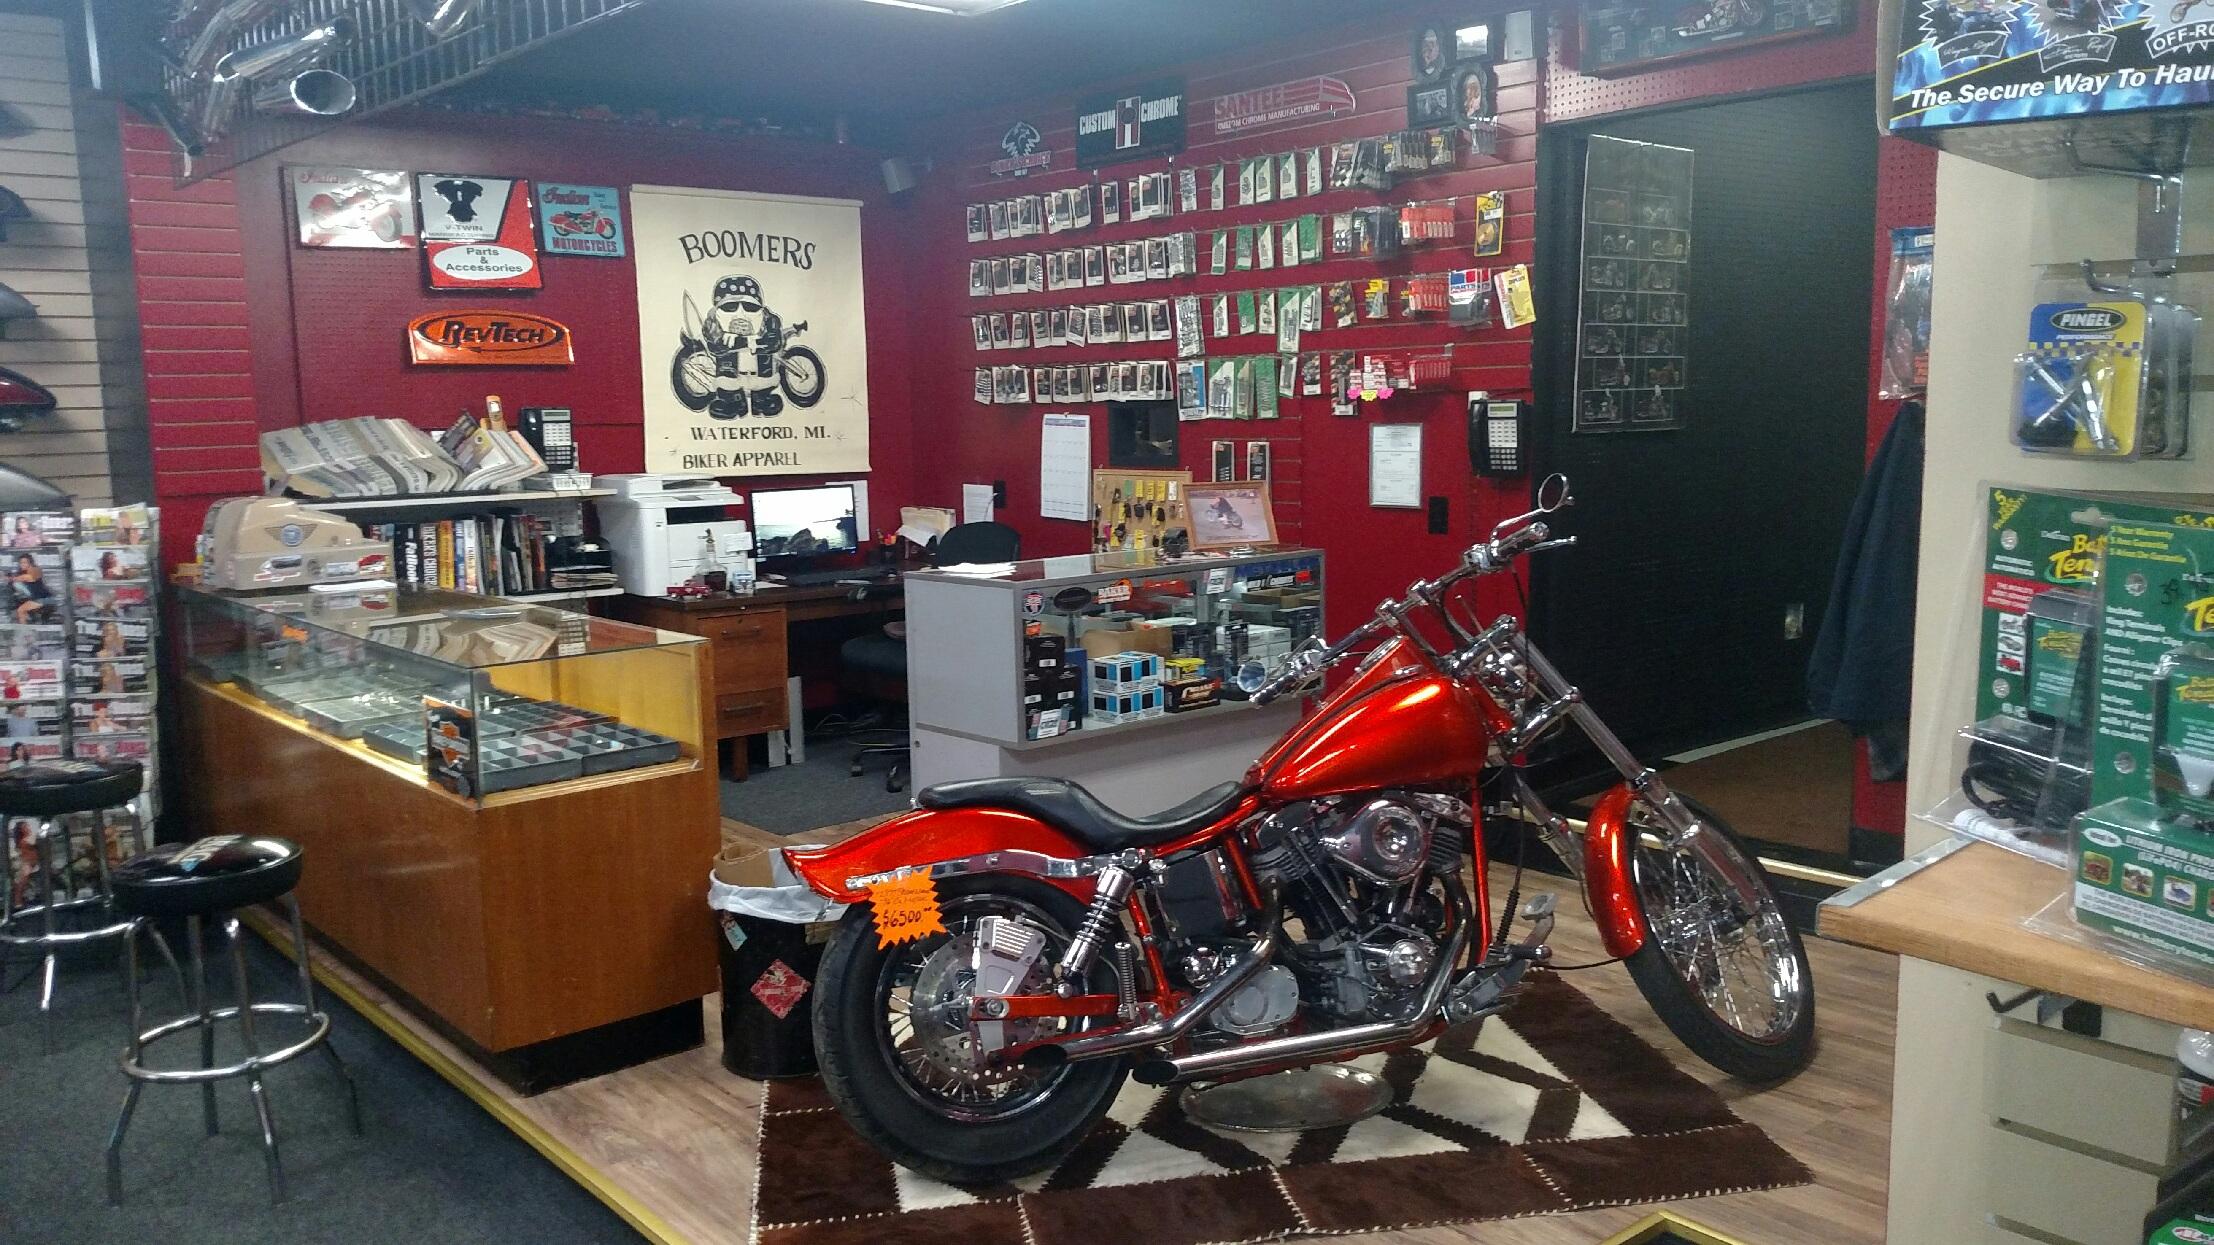 Boomers Bike Shop